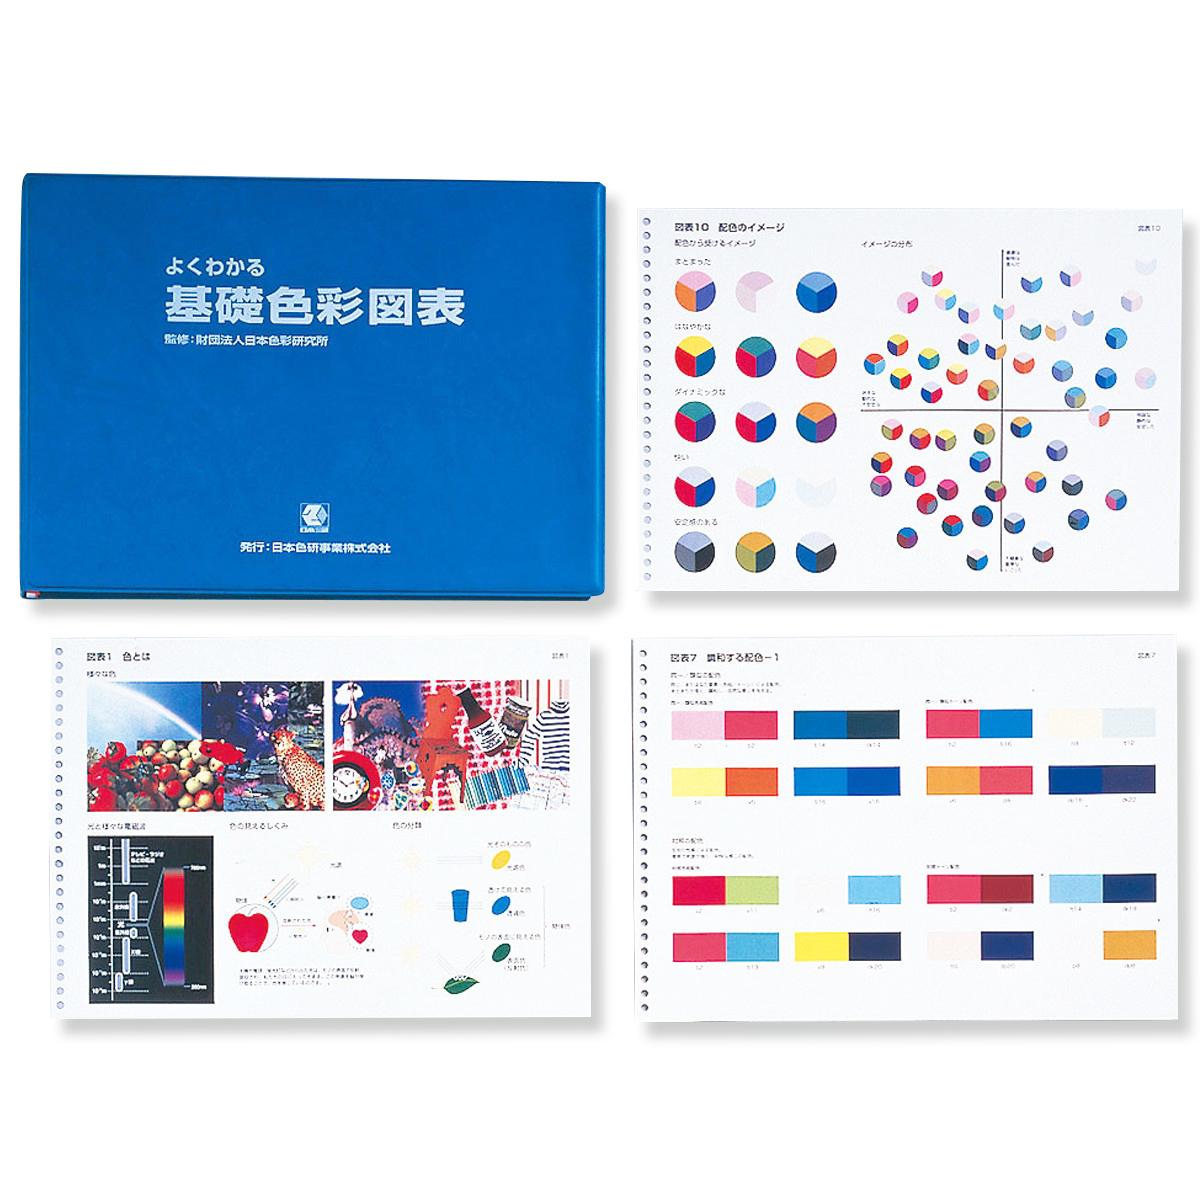 よくわかる基礎色彩図表 【 色彩 配色 学習 ワークブック 】